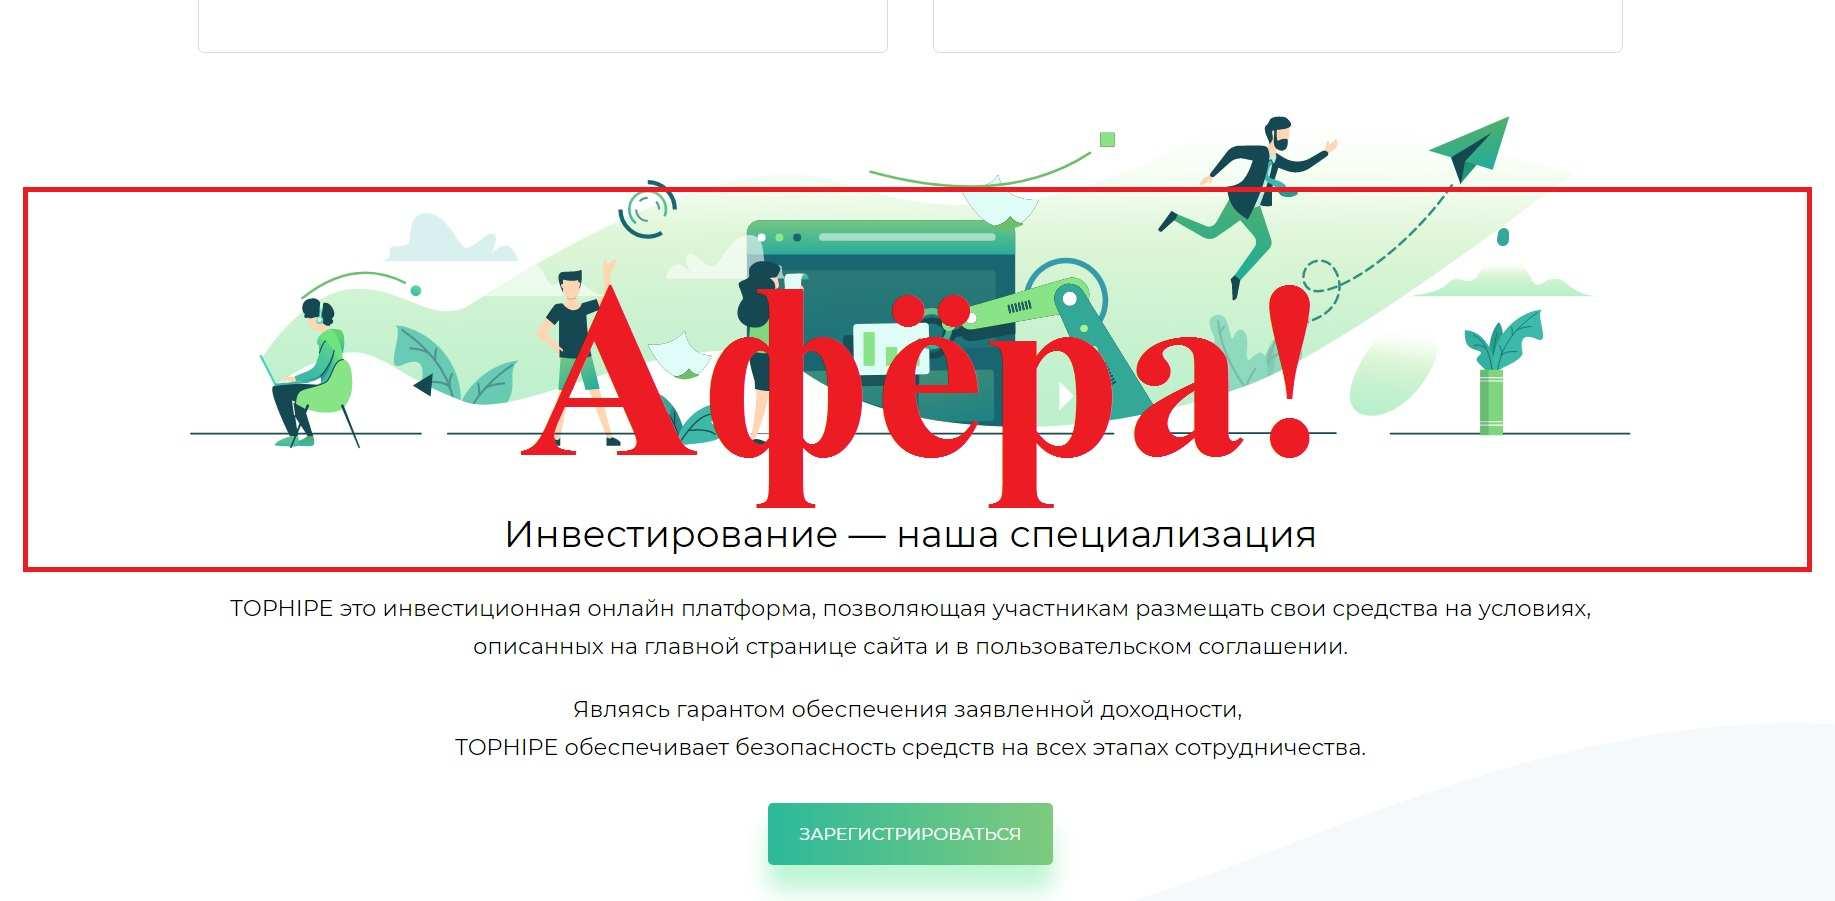 Tophipe – отзывы об инвестиционной компании